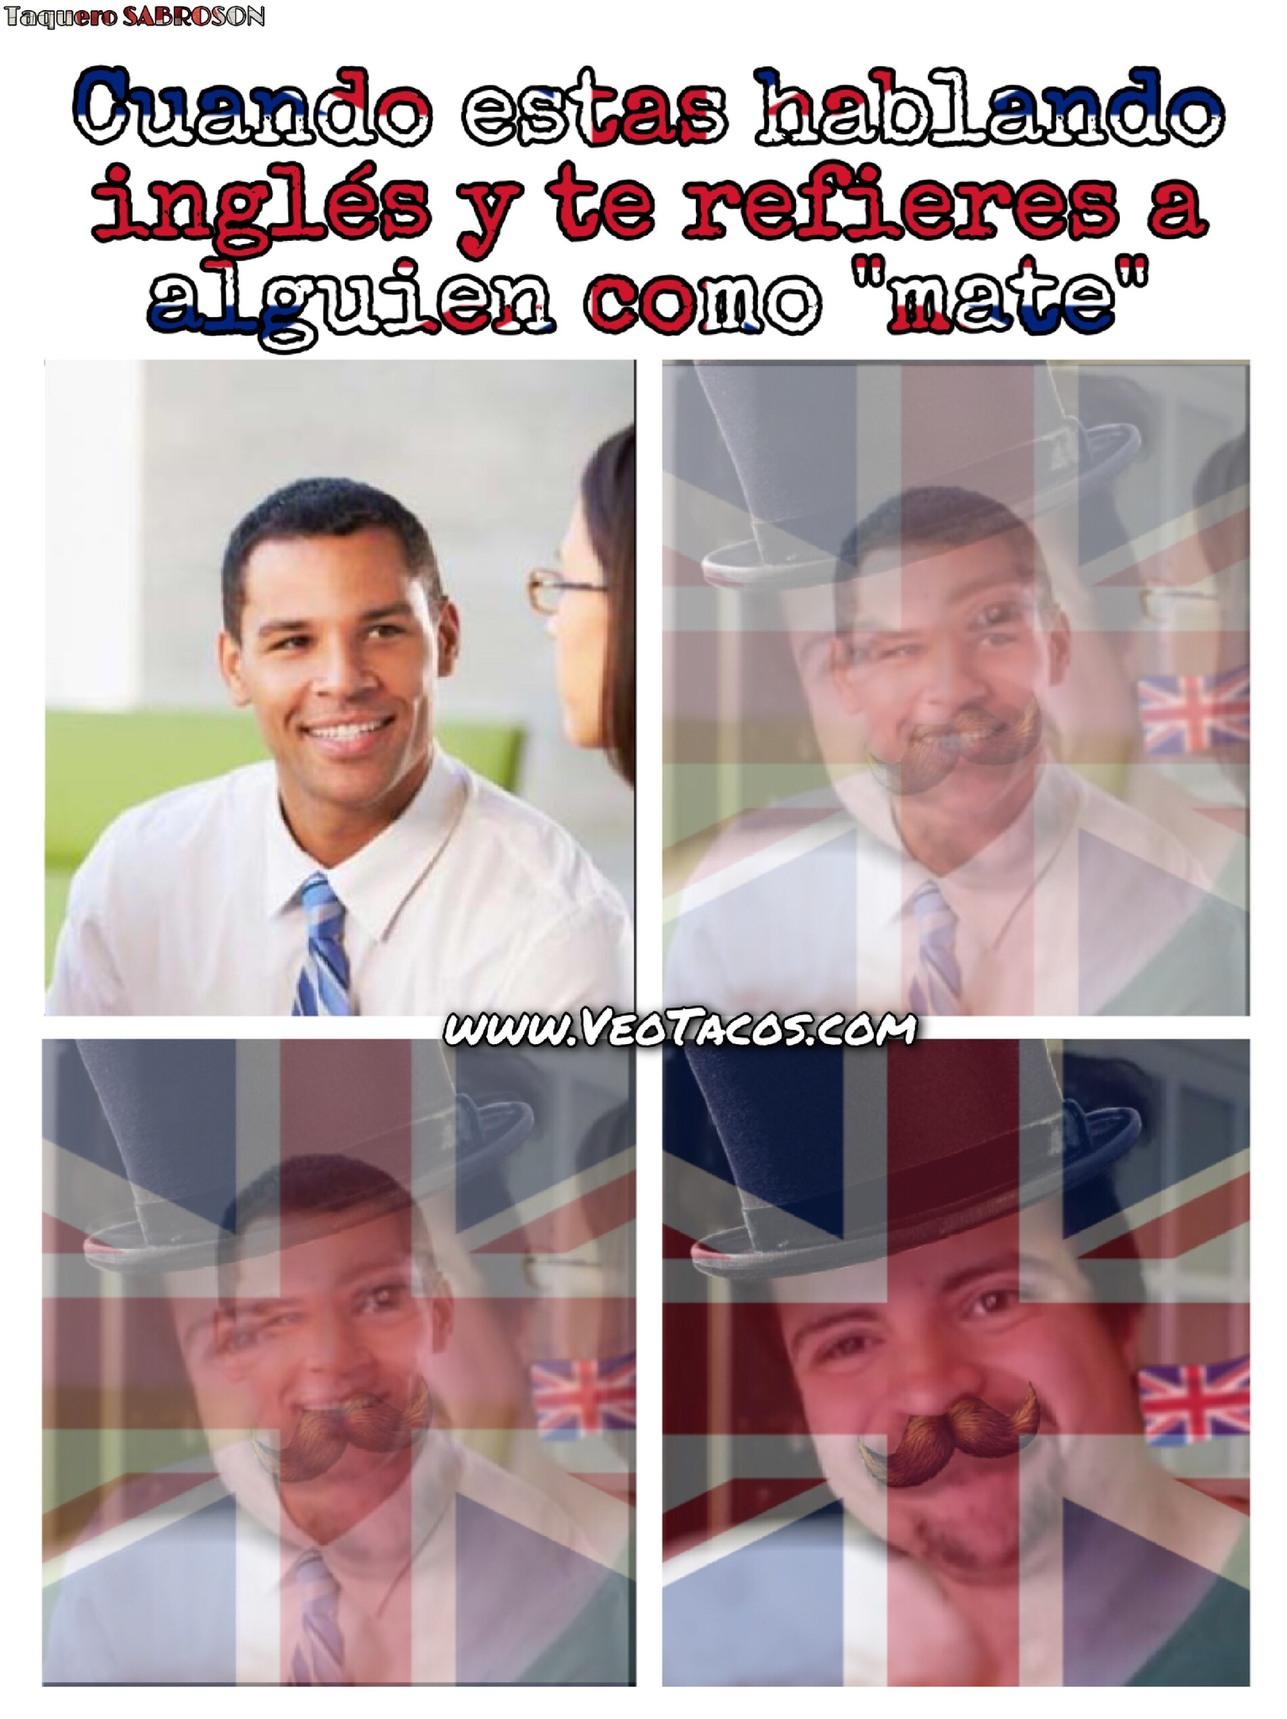 Estos británicos con su inglés rarito (www.veoTacos.com es una burla a veoMemes.com)